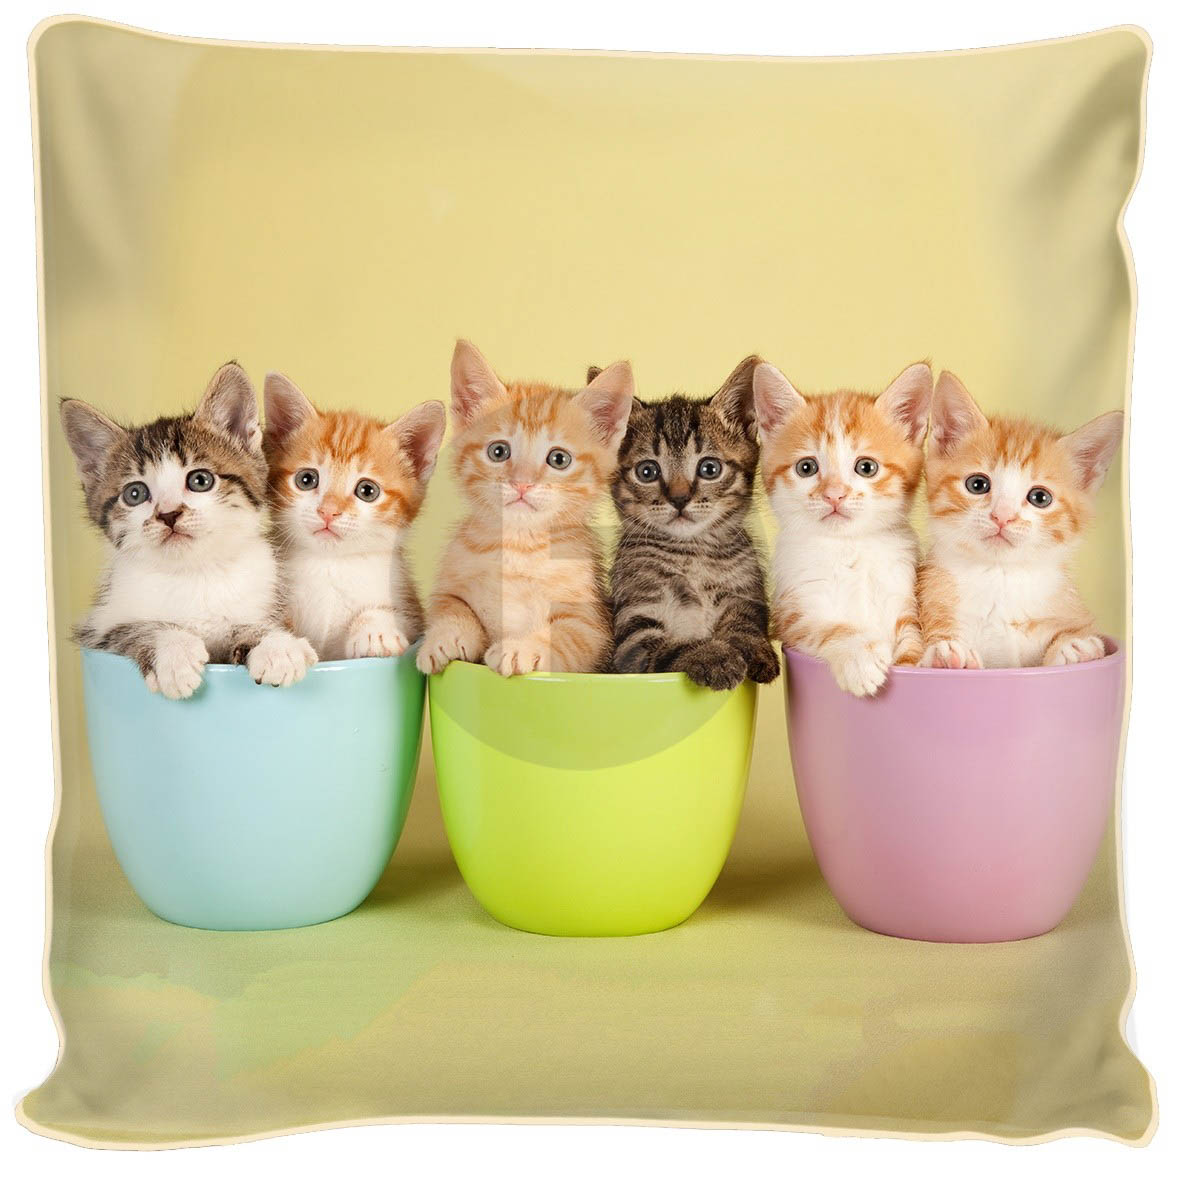 Декоративные подушки Fototende Декоративная подушка Lari (45х45) декоративные подушки fototende декоративная подушка кот матроскин